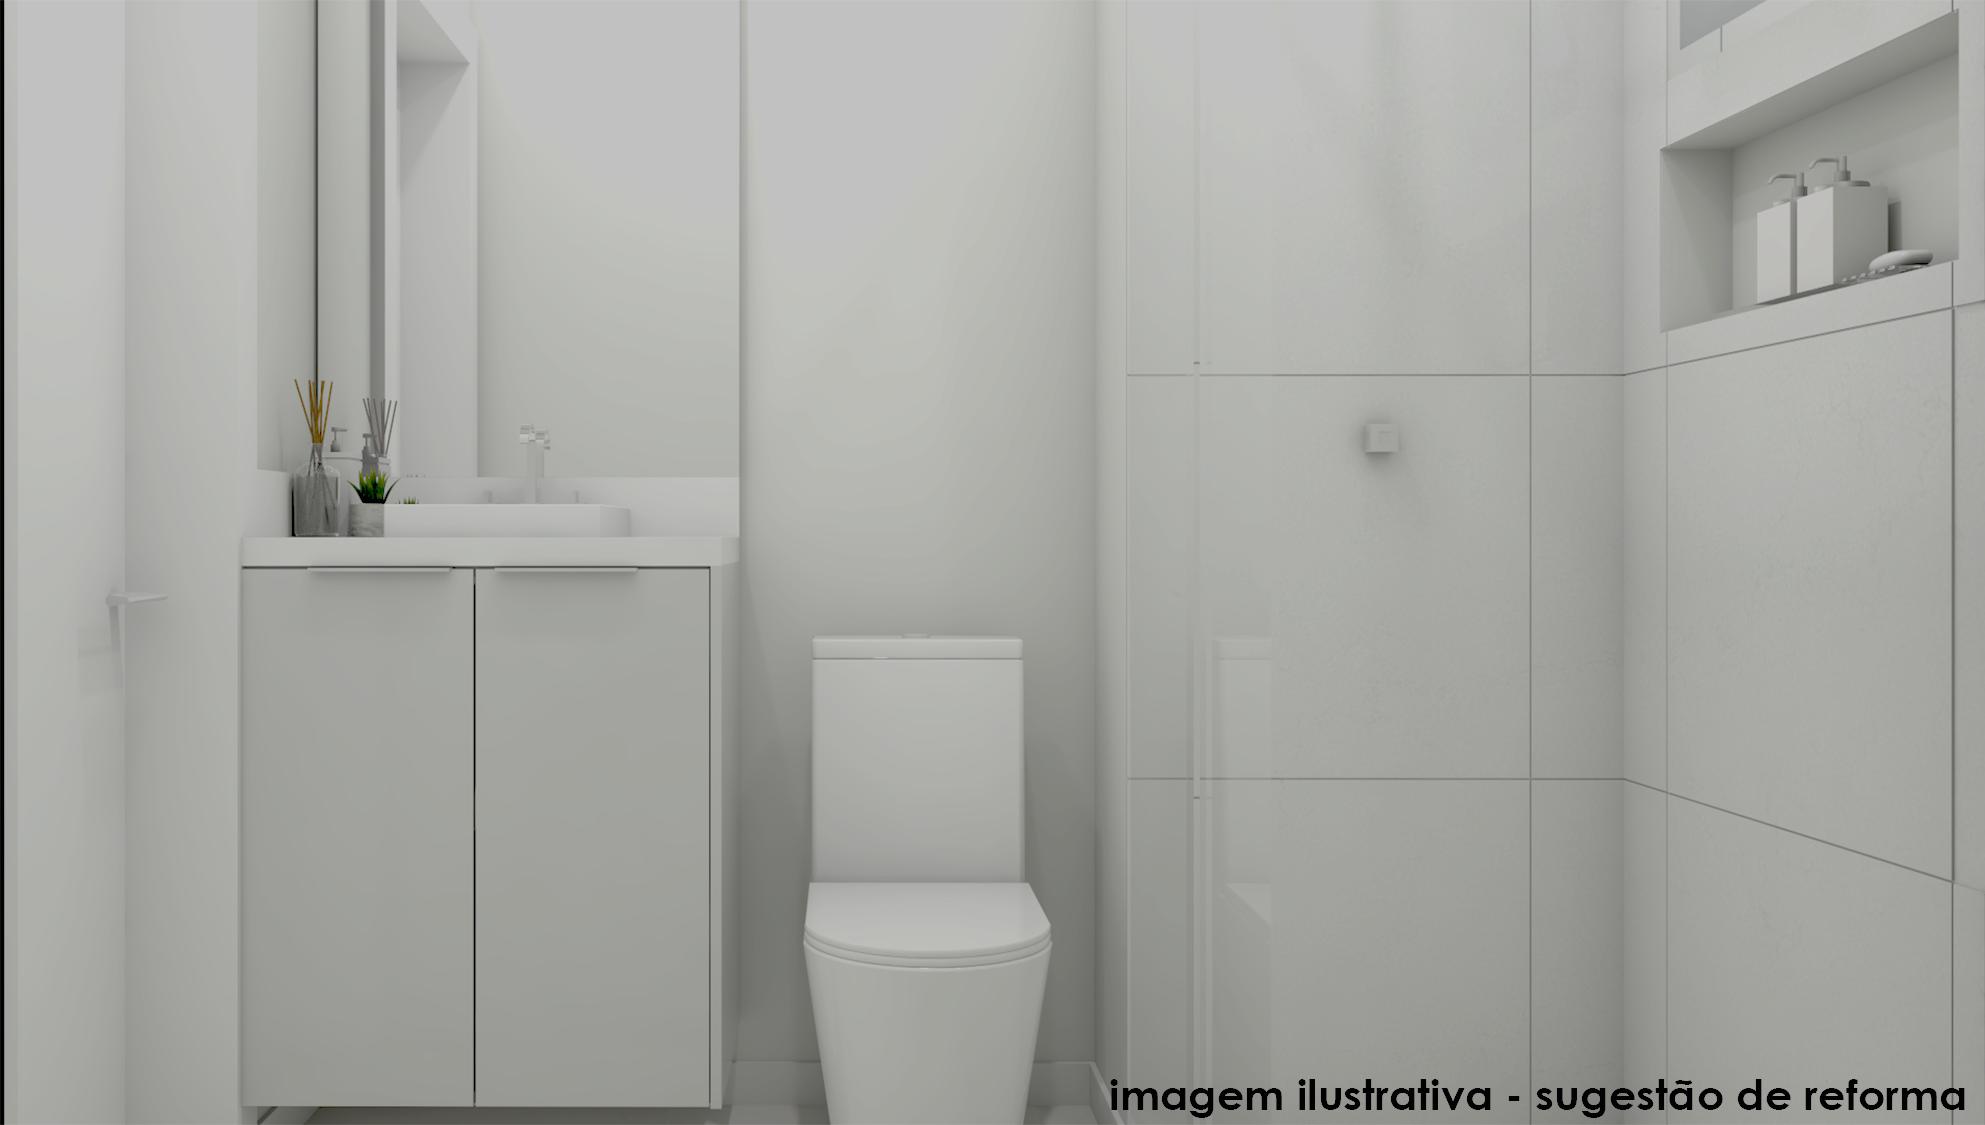 desktop_bathroom00.png